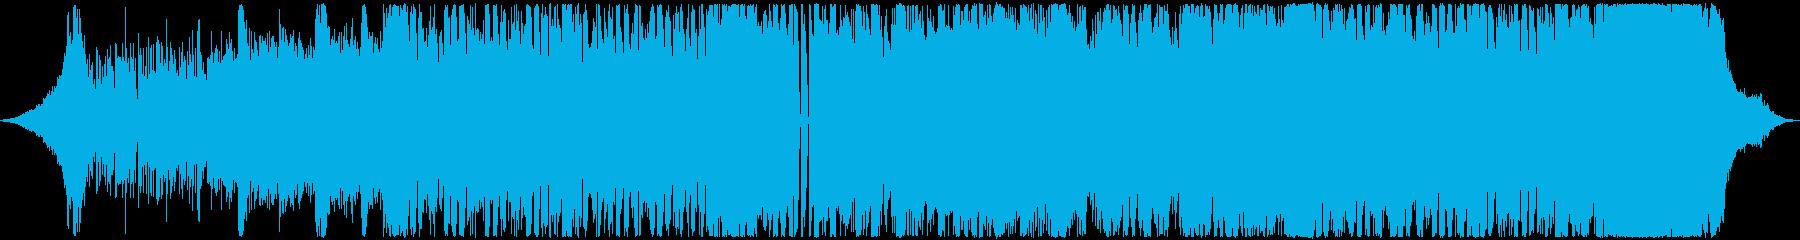 衝撃的で運命的な雰囲気のEDMの再生済みの波形